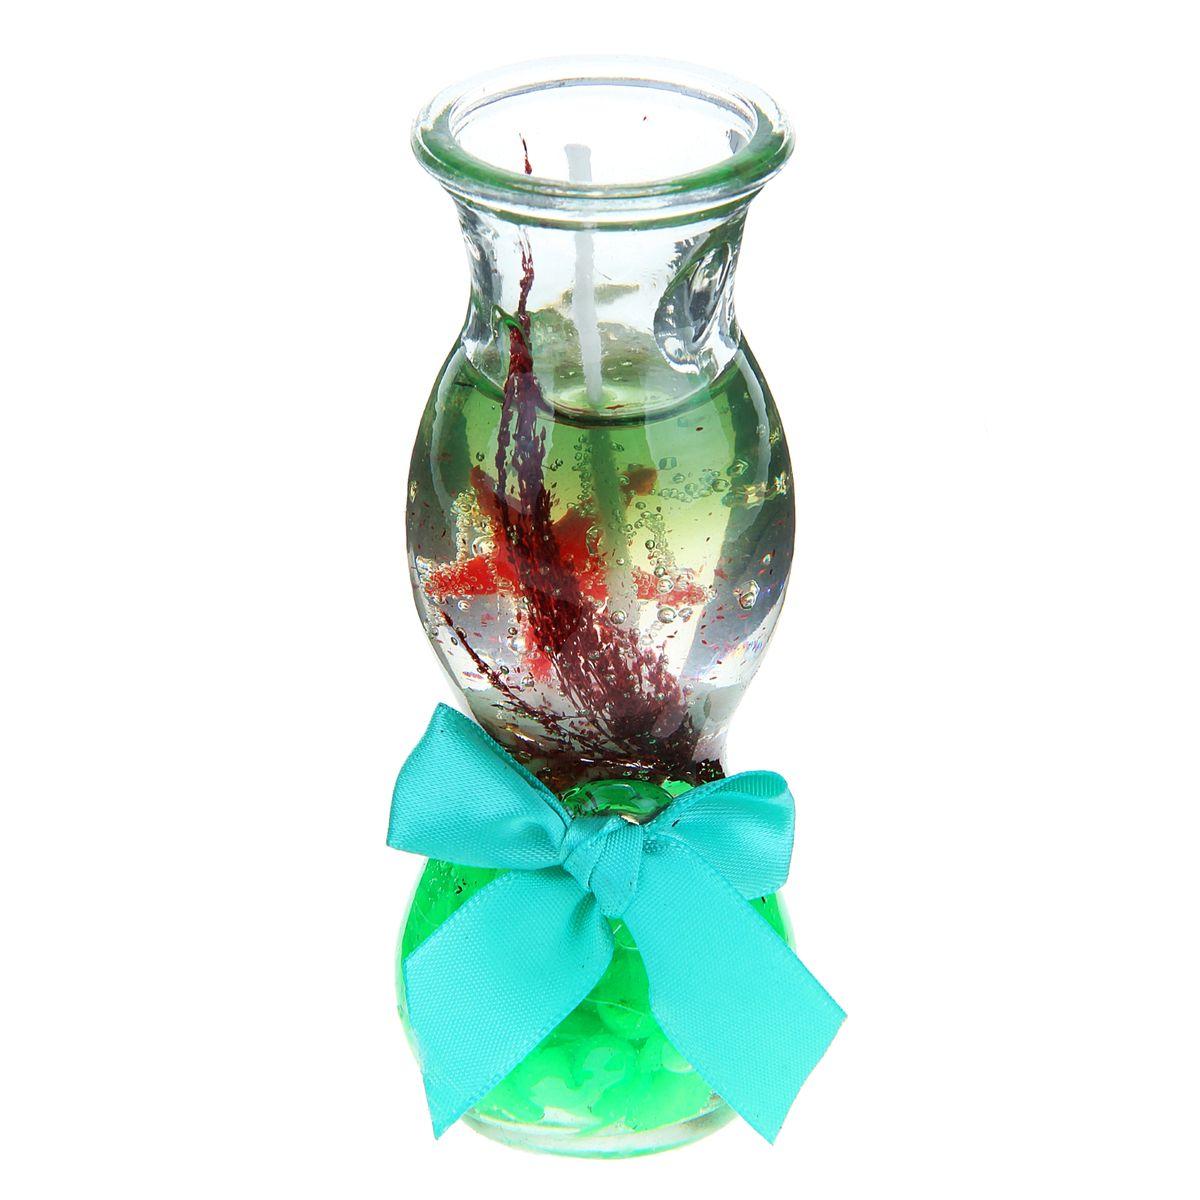 Свеча декоративная Sima-land Камушки, цвет: салатовый, высота 11 см1029517Декоративная свеча Sima-land Камушки изготовлена из геля и поставляется в подсвечнике в виде стеклянной вазочки оригинальной формы. Изделие оформлено камушками, морской звездой и текстильным бантом. Такая свеча может стать отличным подарком или дополнить интерьер вашей комнаты.